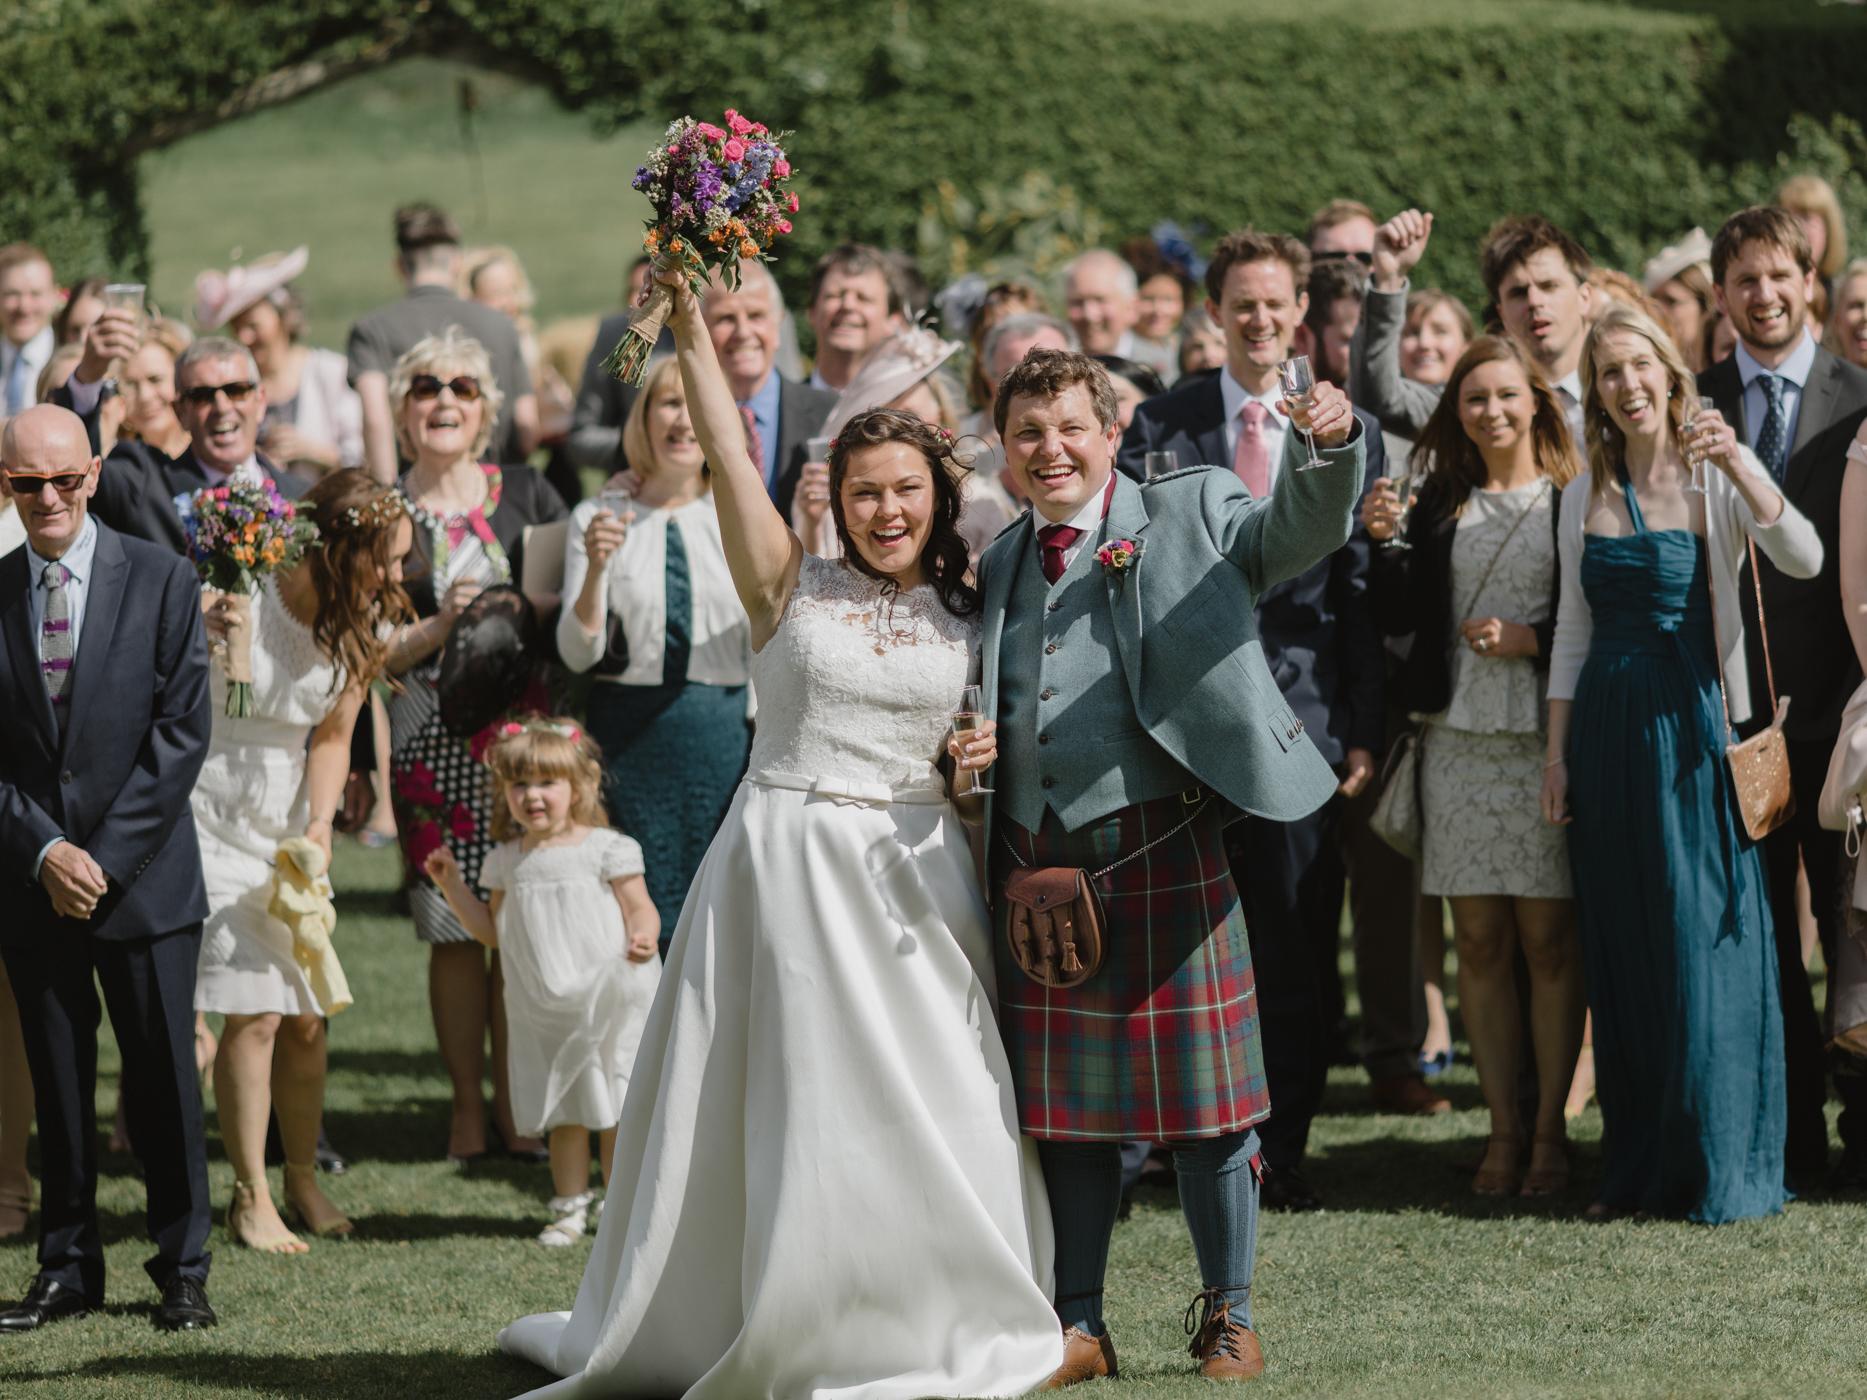 weddings-4295.jpg